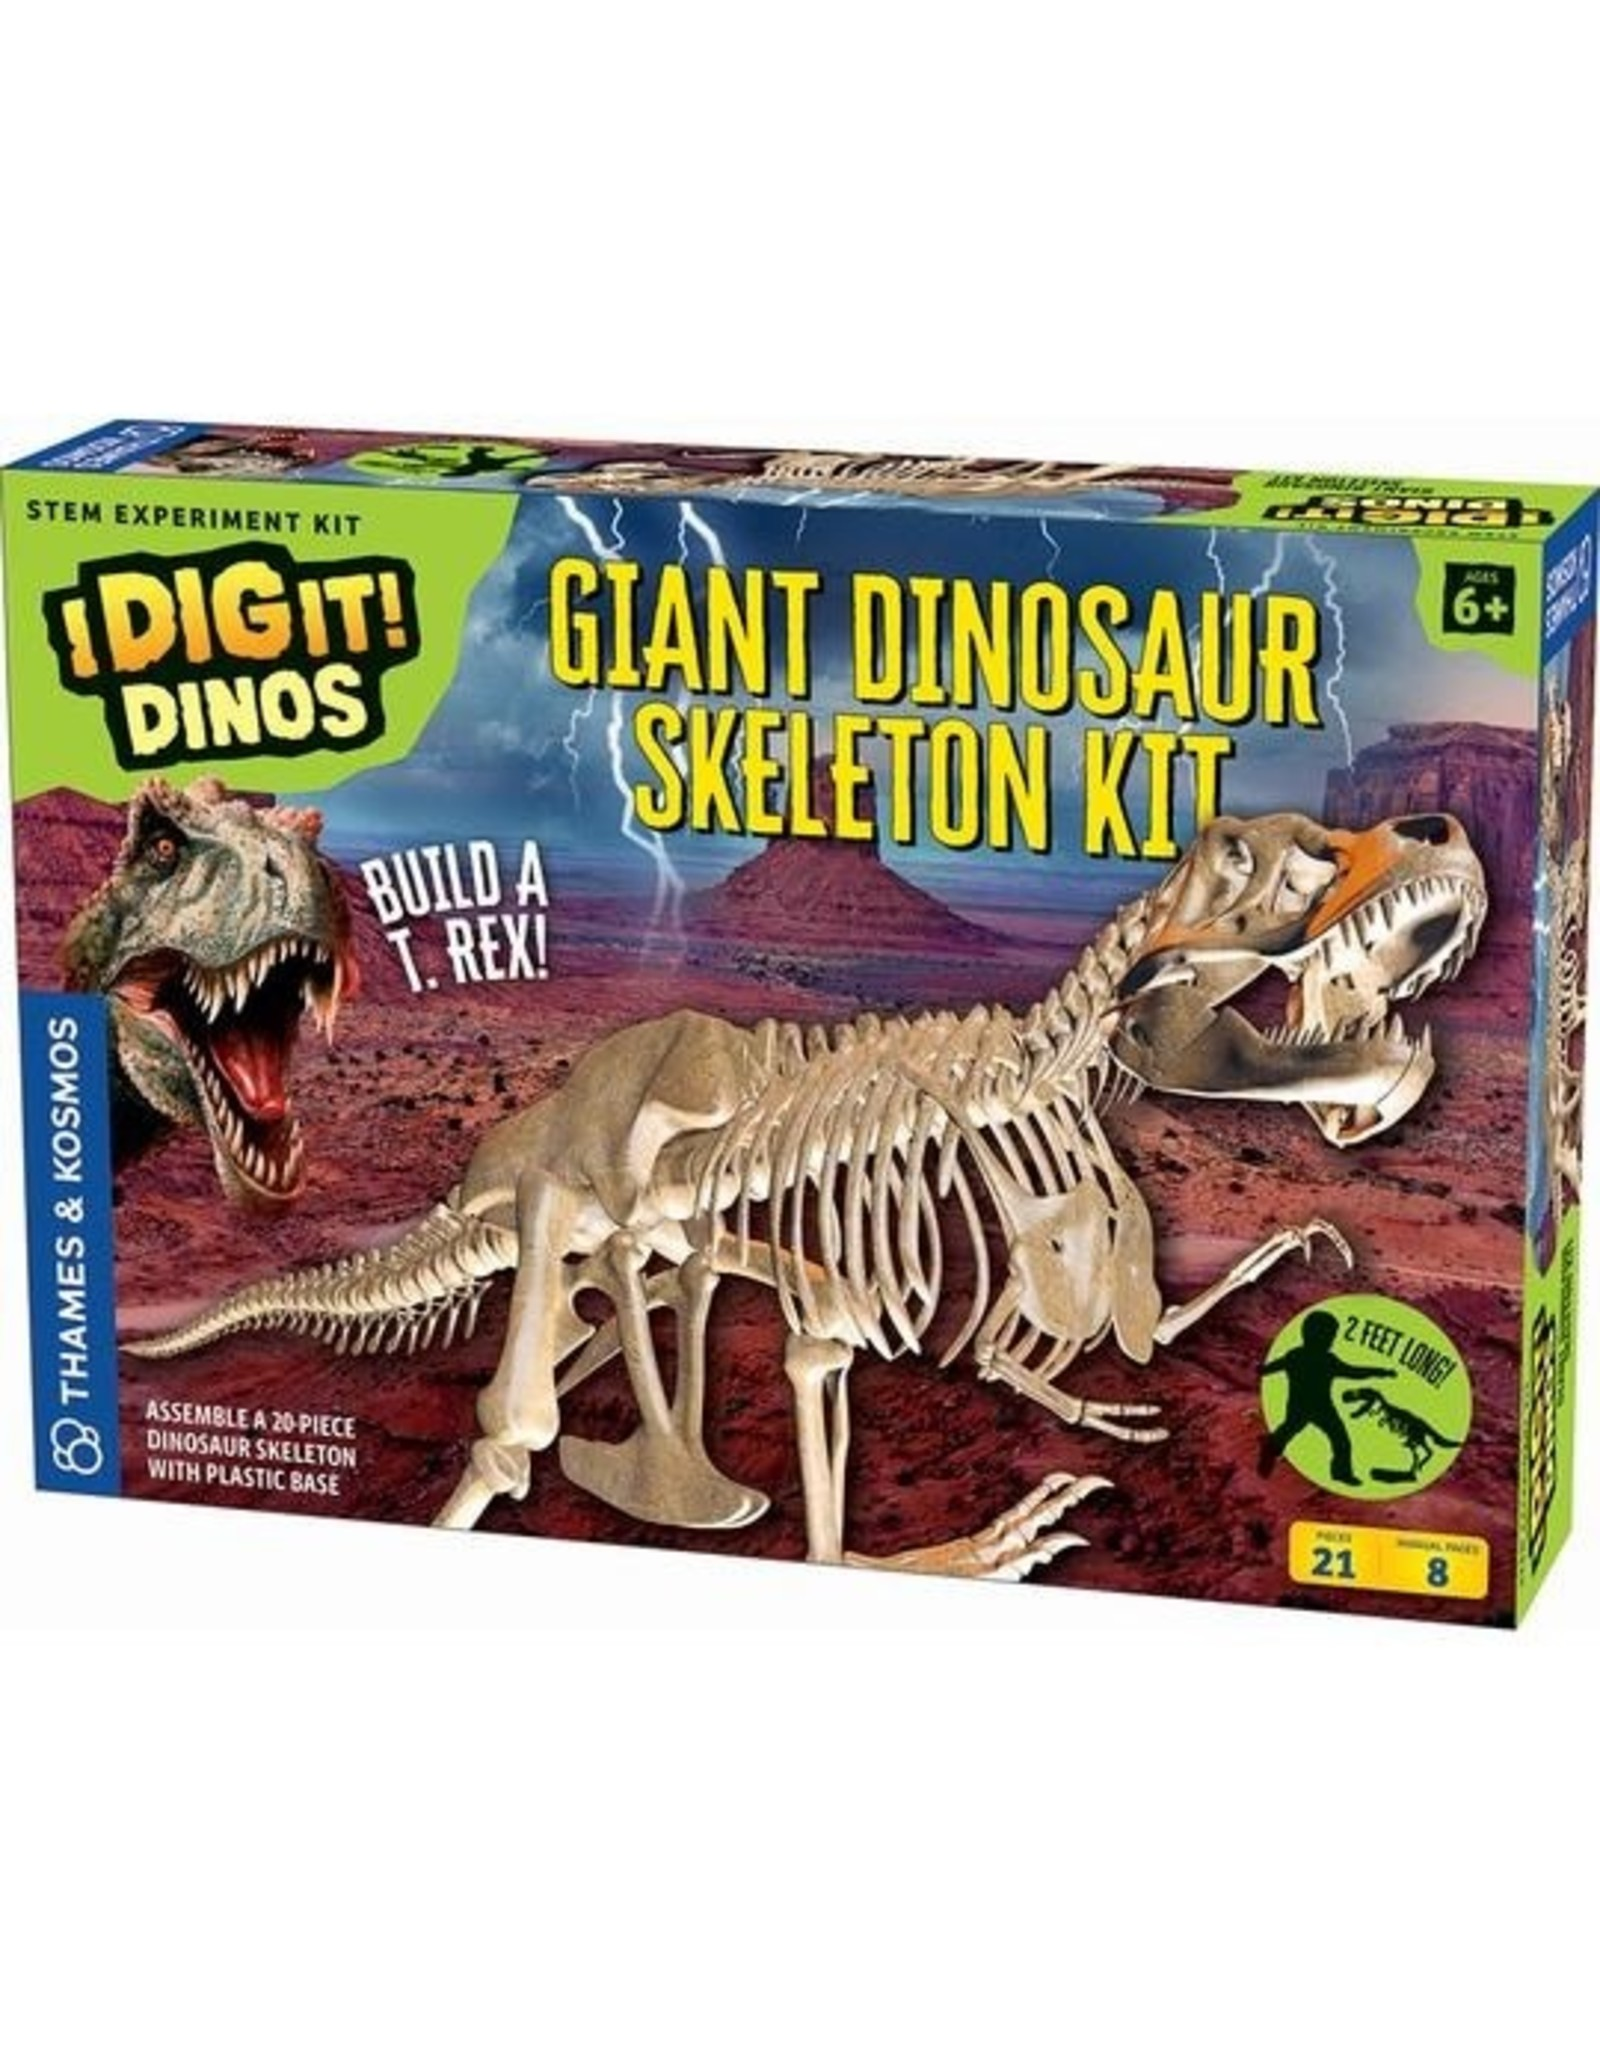 Thames and Kosmos Giant Dinosaur Skeleton Kit